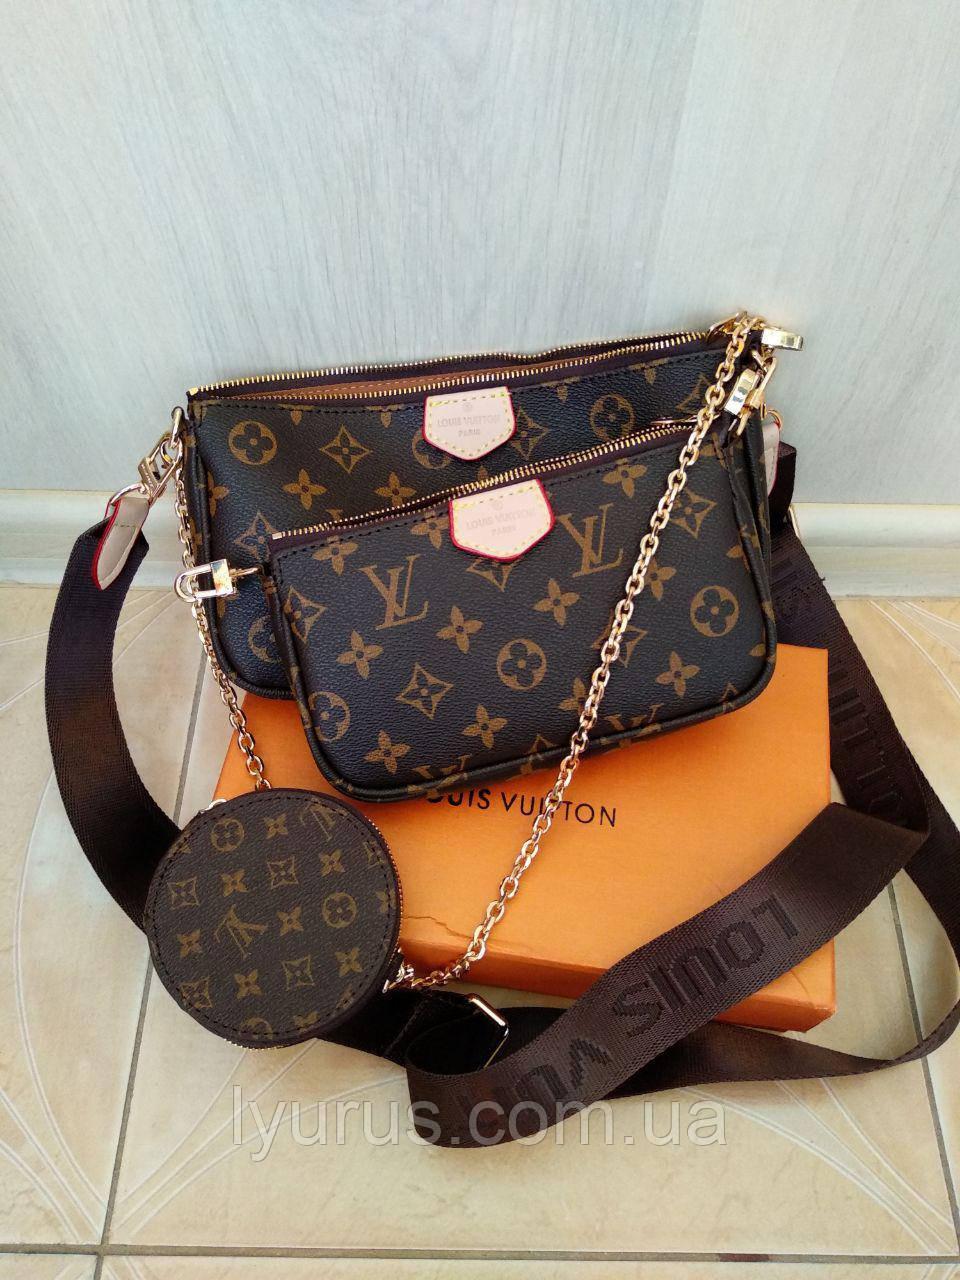 Женская сумка клатч Louis Vuitton 3 в 1 коричневого цвета